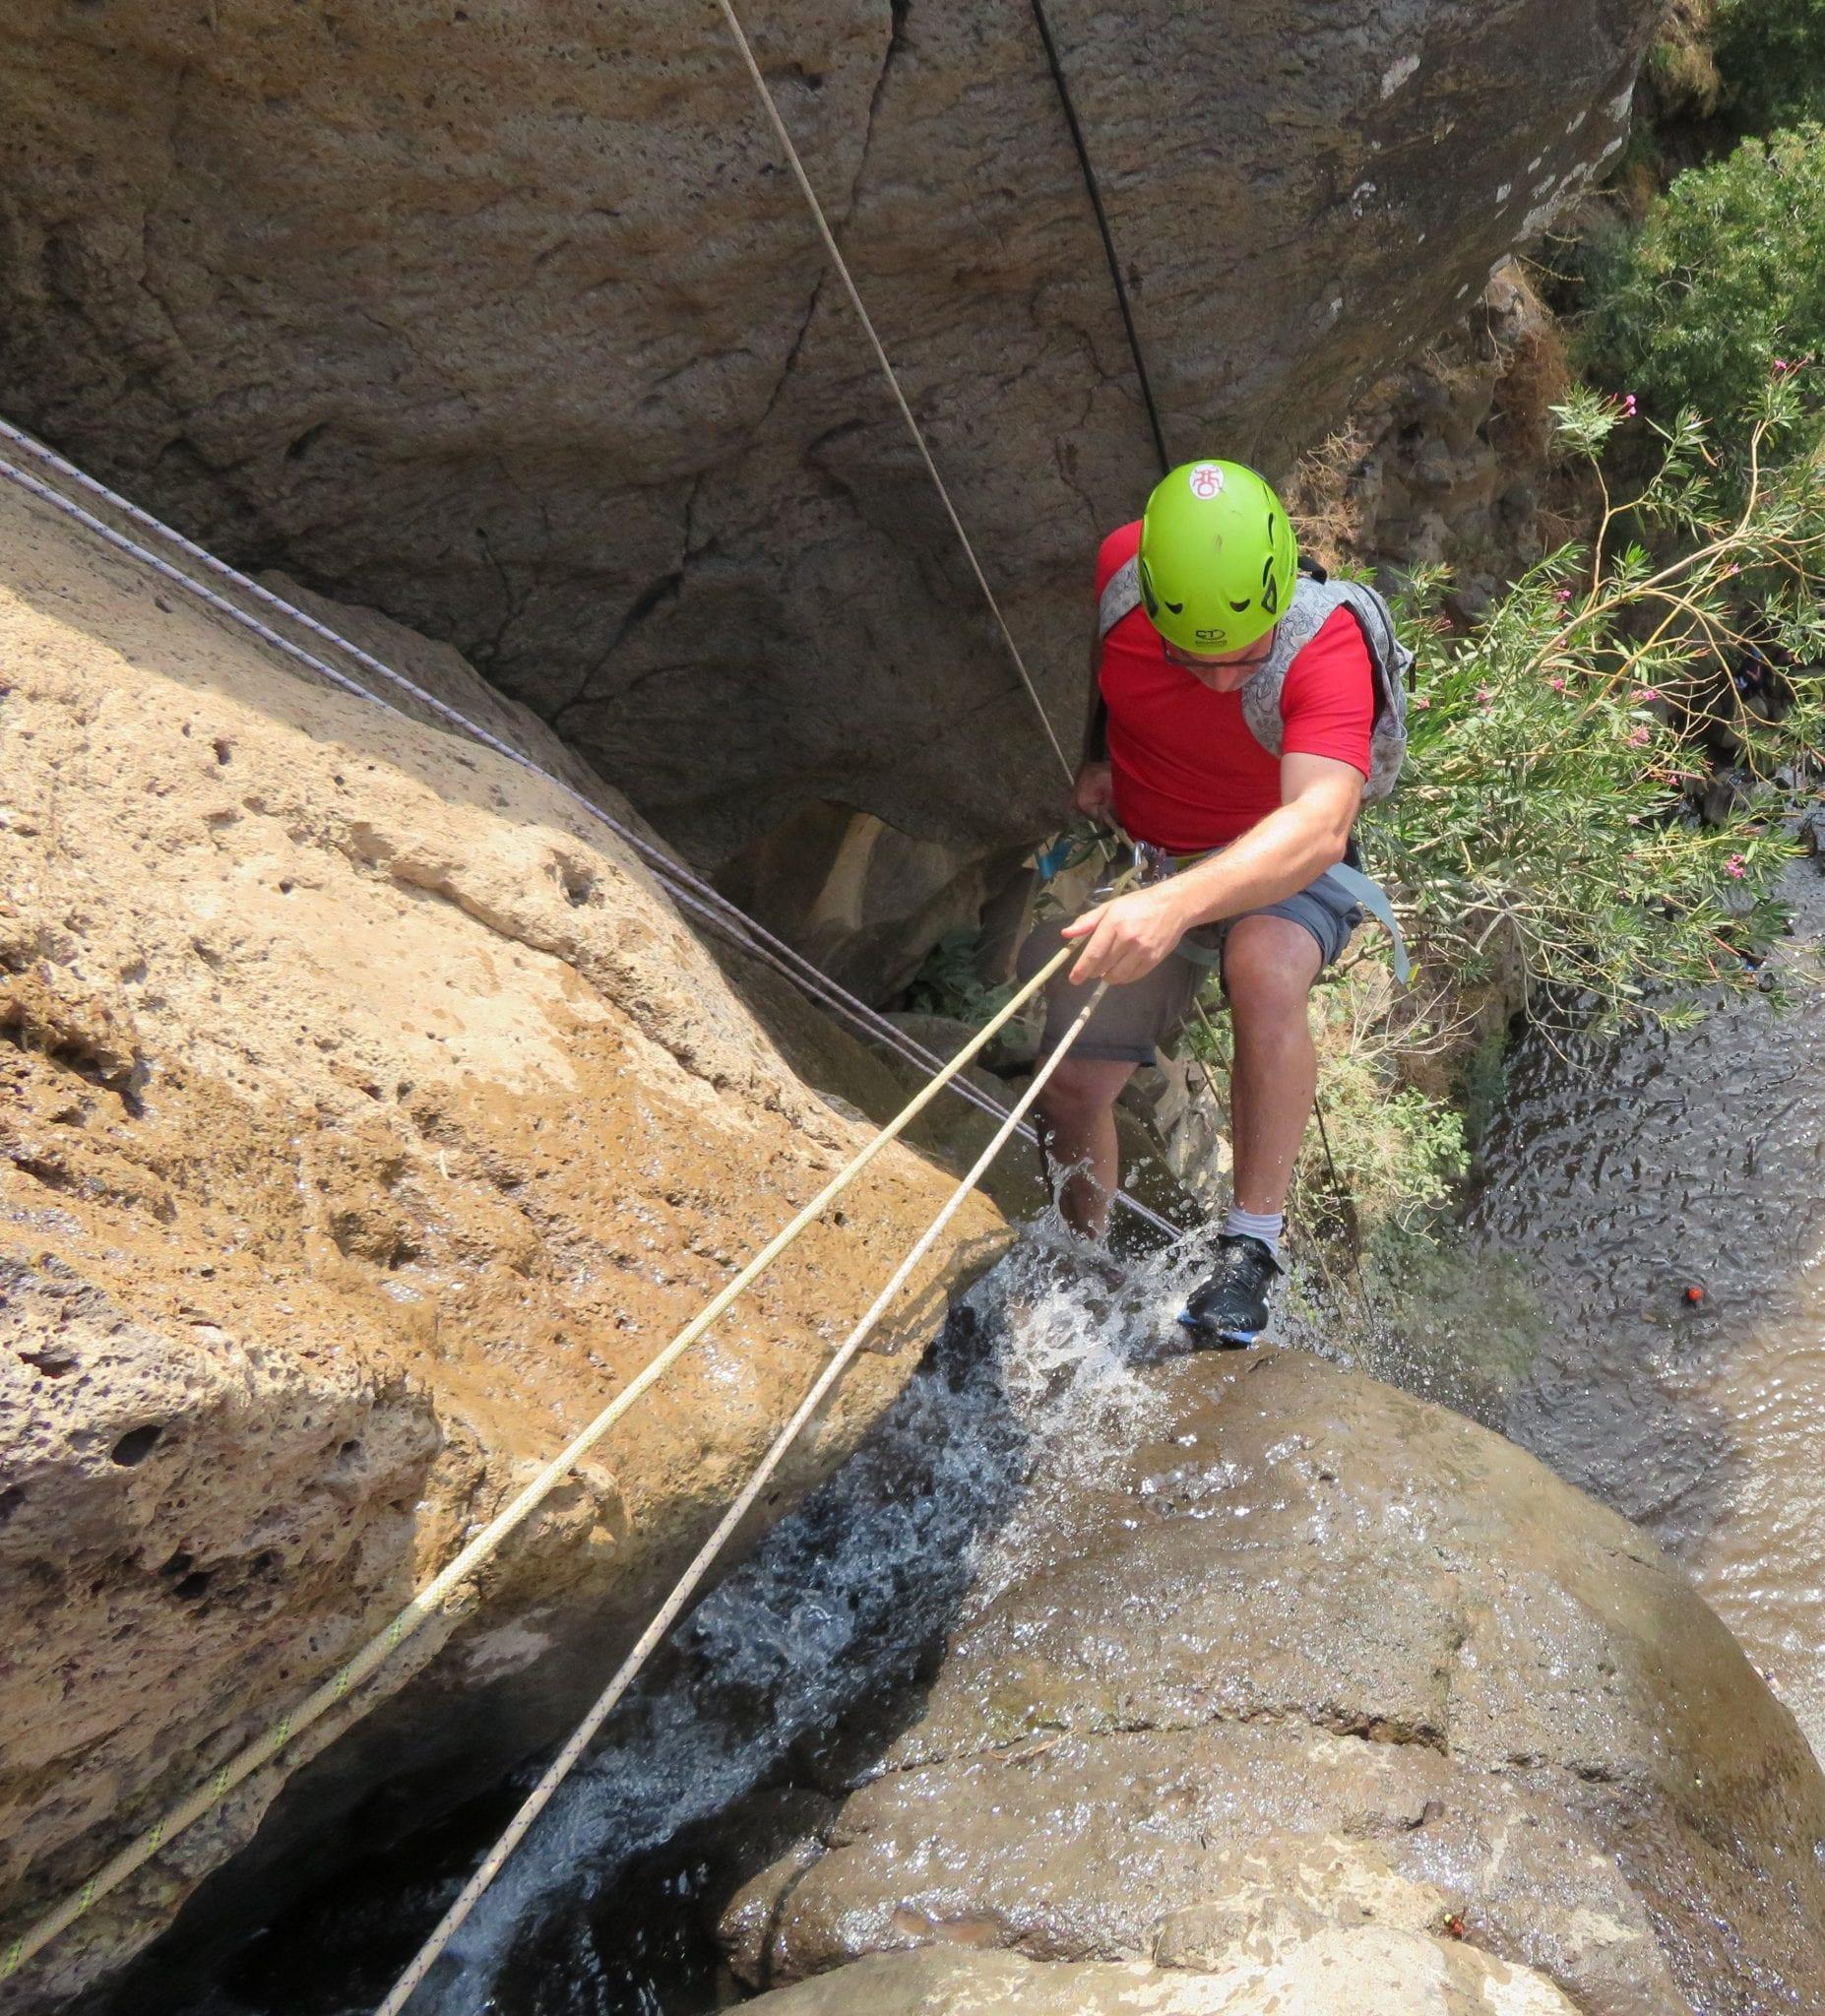 סנפלינג גבוה - 40 מטרים נחל גילבון - ערוצים בטבע